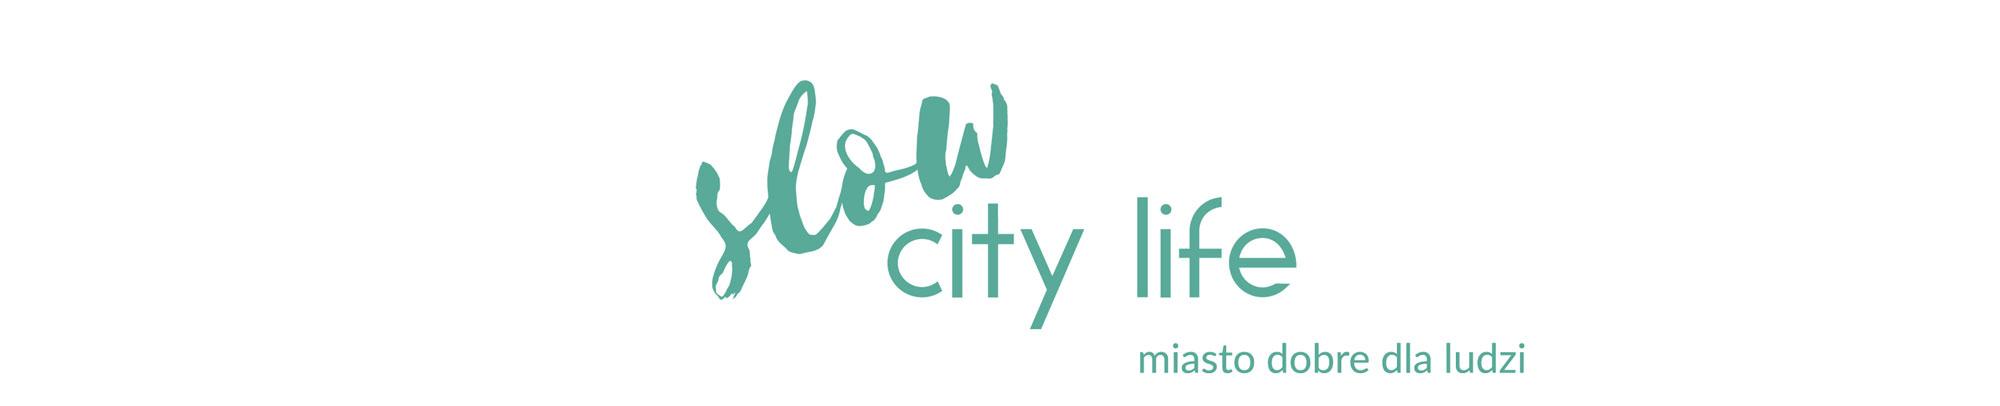 Slow City Life